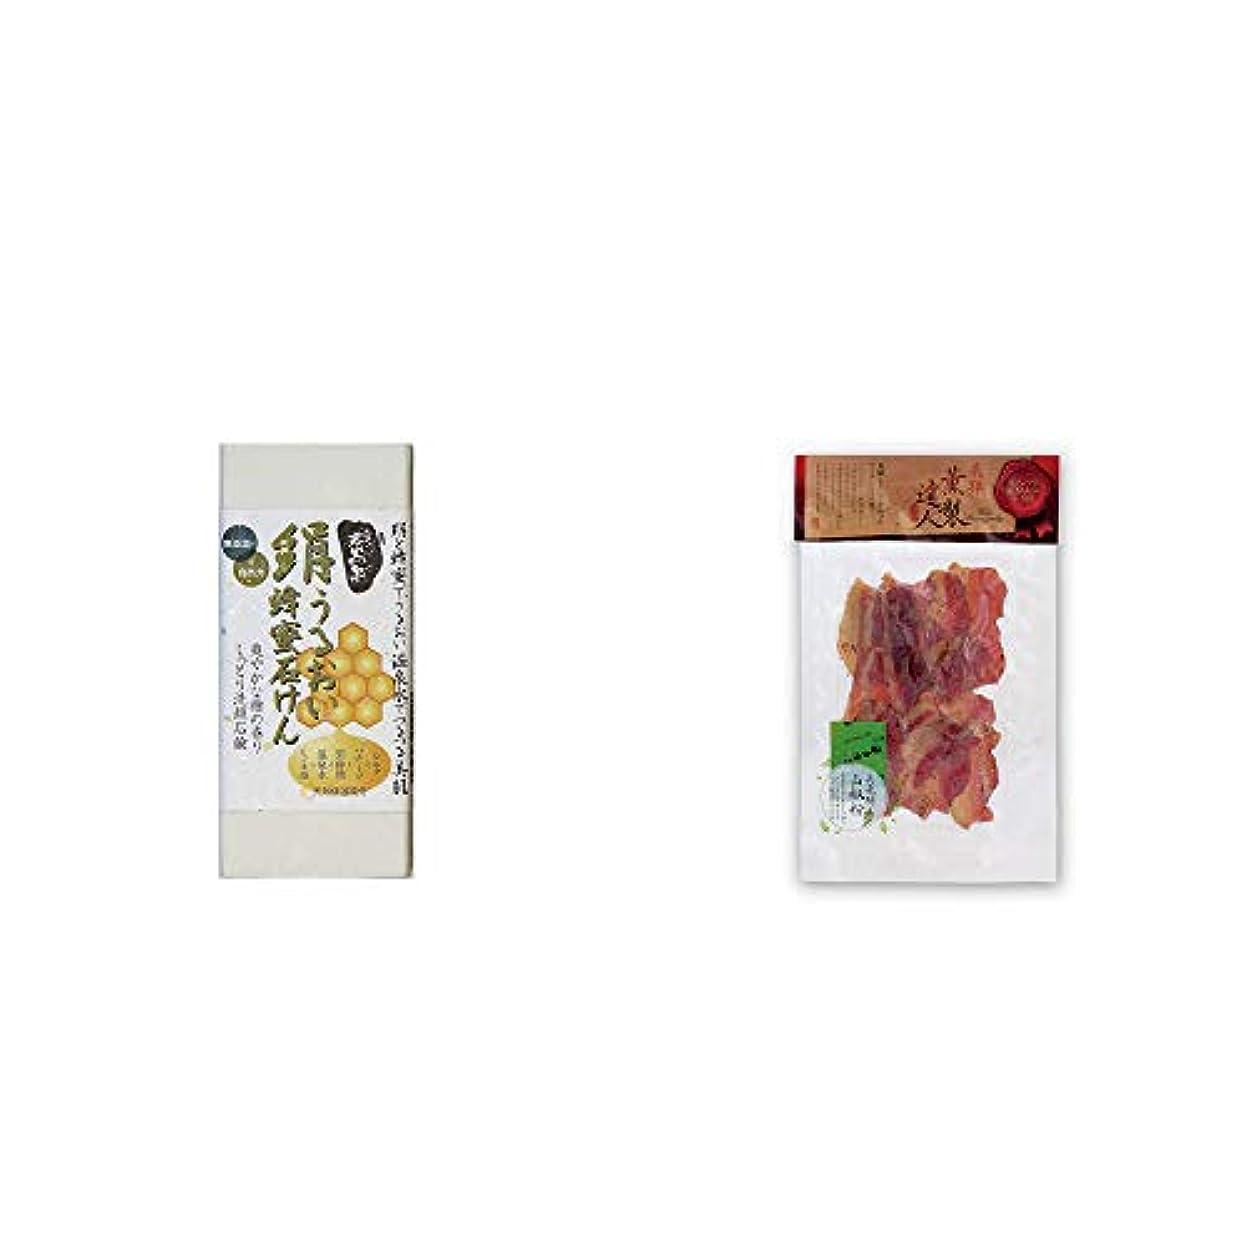 反動暗くするハンディキャップ[2点セット] ひのき炭黒泉 絹うるおい蜂蜜石けん(75g×2)?薫製達人 豚バラベーコン燻製(60g)[飛騨山椒付き]